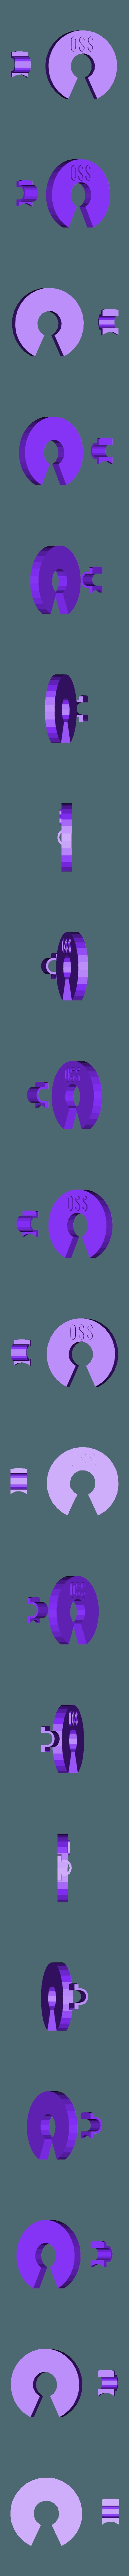 open_source_software_hair_tie.stl Télécharger fichier STL gratuit Attaches de cheveux pour matériel/logiciels libres • Plan pour imprimante 3D, SexyCyborg